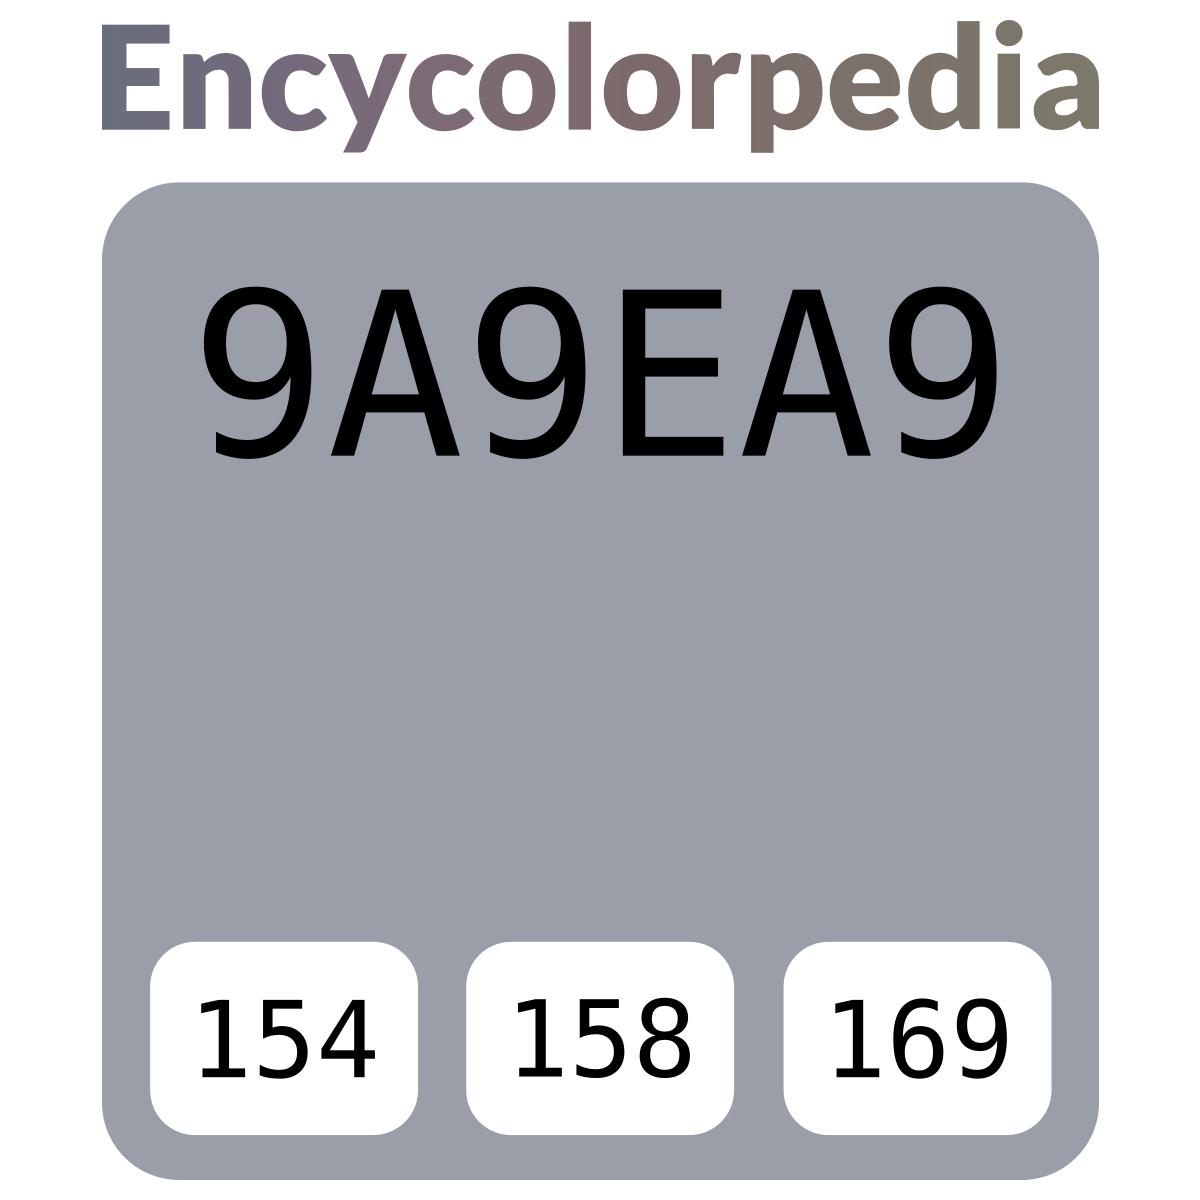 Glidden Smoky Charcoal glidden smoky charcoal / #9a9ea9 hex color code schemes & paints